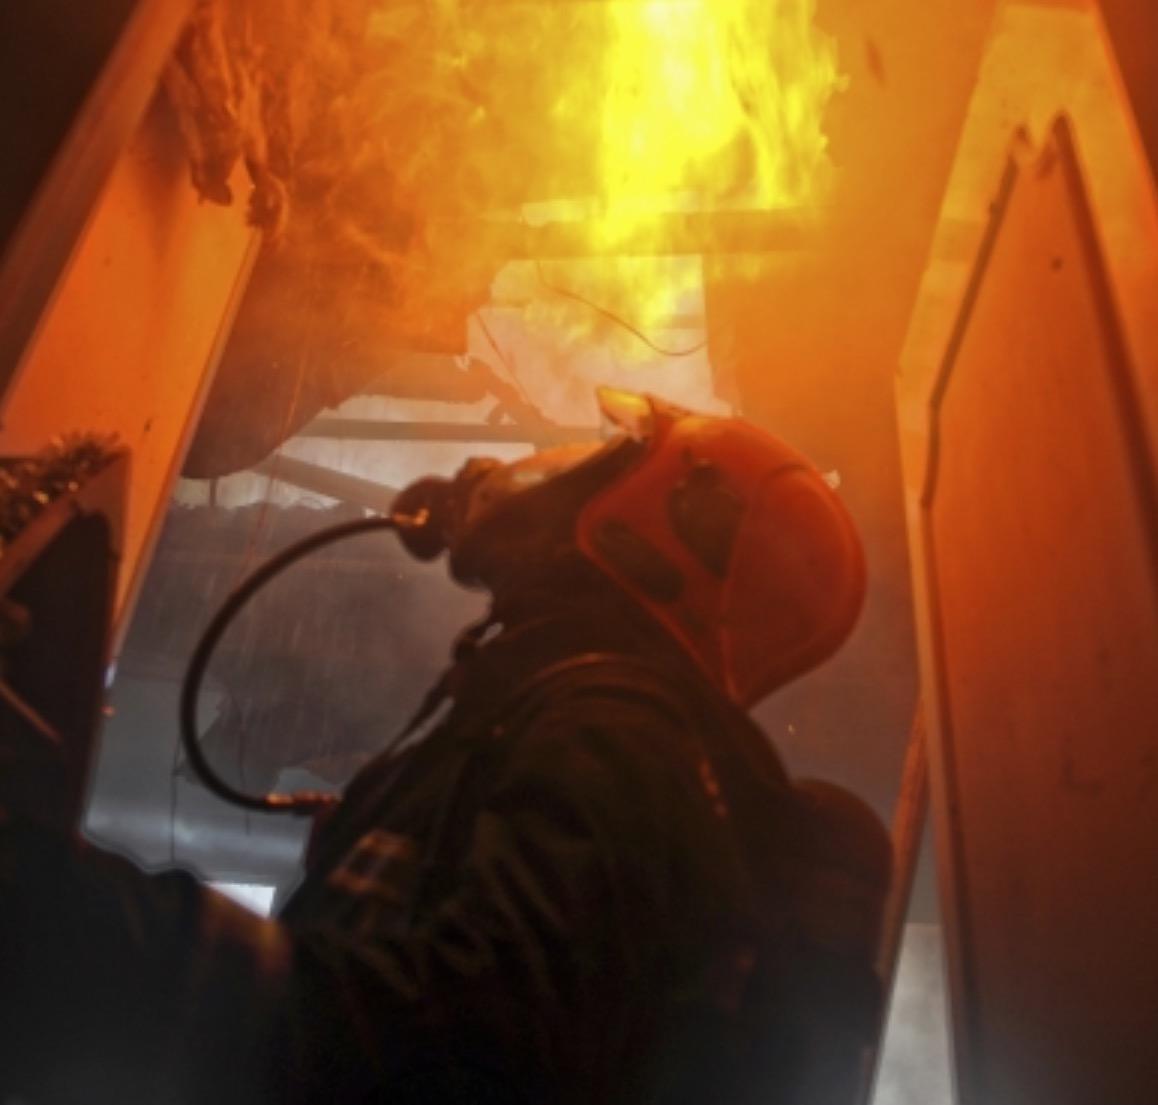 Illustration. Les sapeurs-pompiers avaient rapidement maîtrisé l'incendie. Ils n'avaient découvert rien de suspect en inspectant les lieux